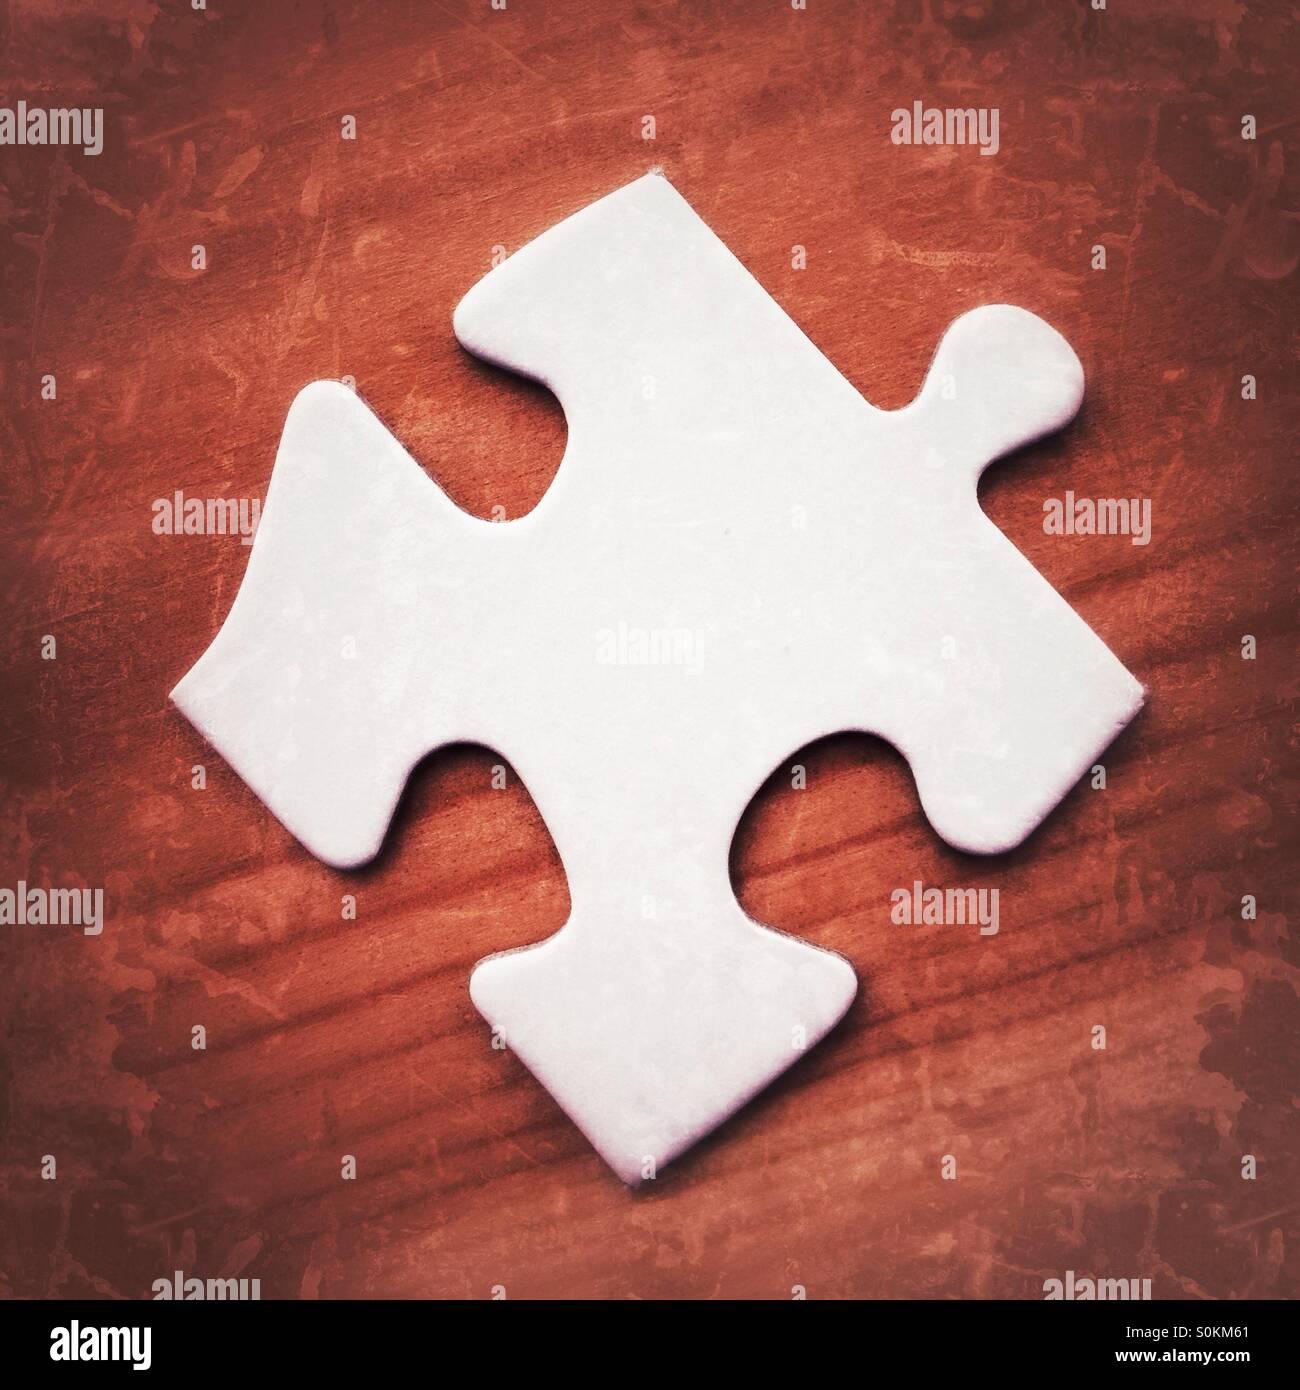 Pieza de rompecabezas en blanco sobre una superficie de madera con efectos de filtro grunge Imagen De Stock